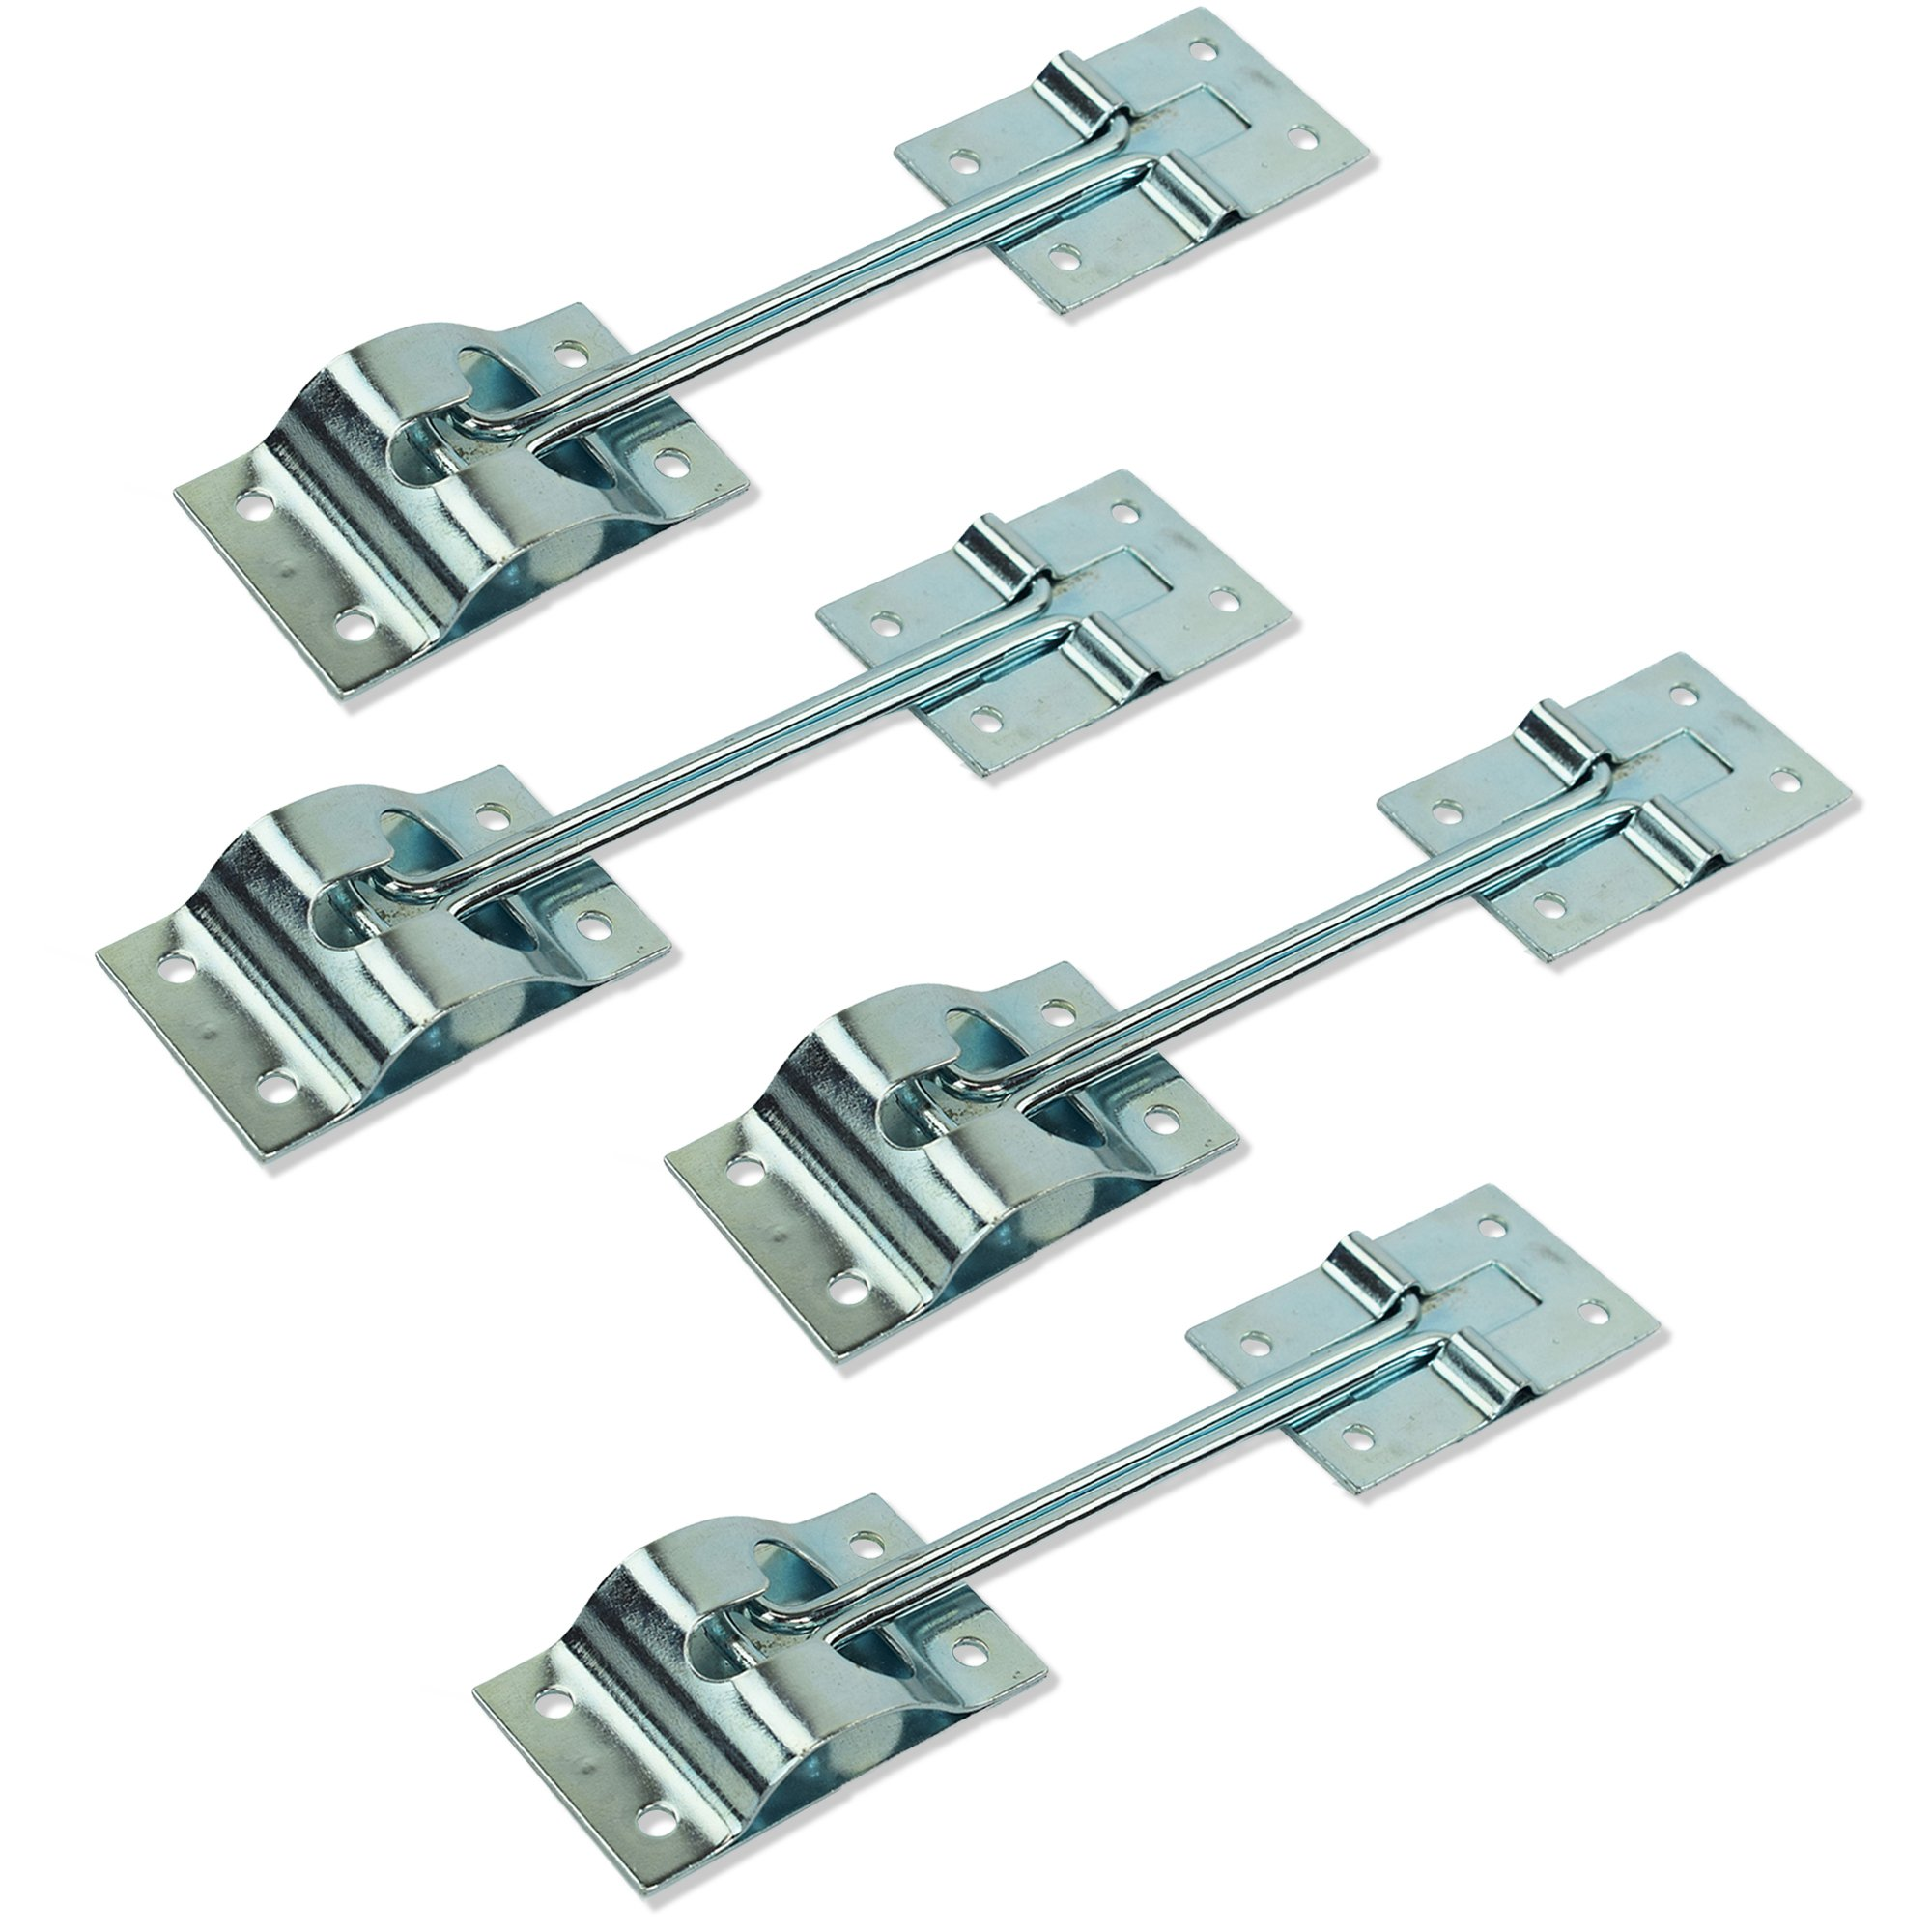 6'' Inch Metal T-Style Door Holder Entry Door Catch fits RV Trailer Camper Exterior Door Hold Hook & Keeper Hardware Zinc Plated Steel (4, 6'')